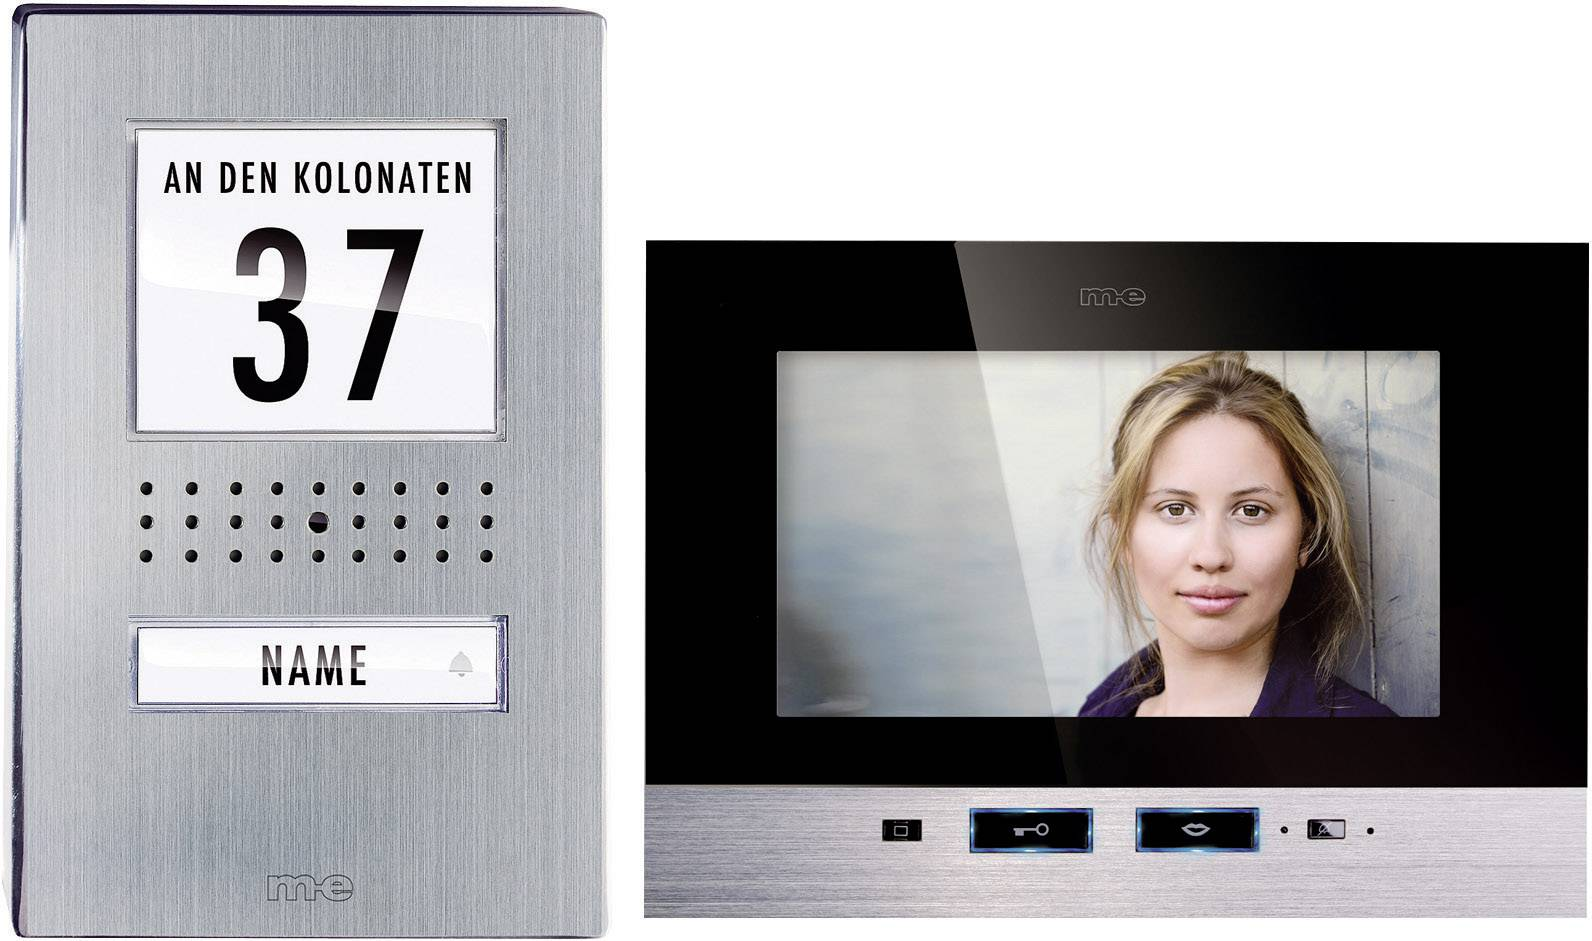 Káblový video dverový telefón m-e modern-electronics kompletný set, nerezová oceľ, čierna